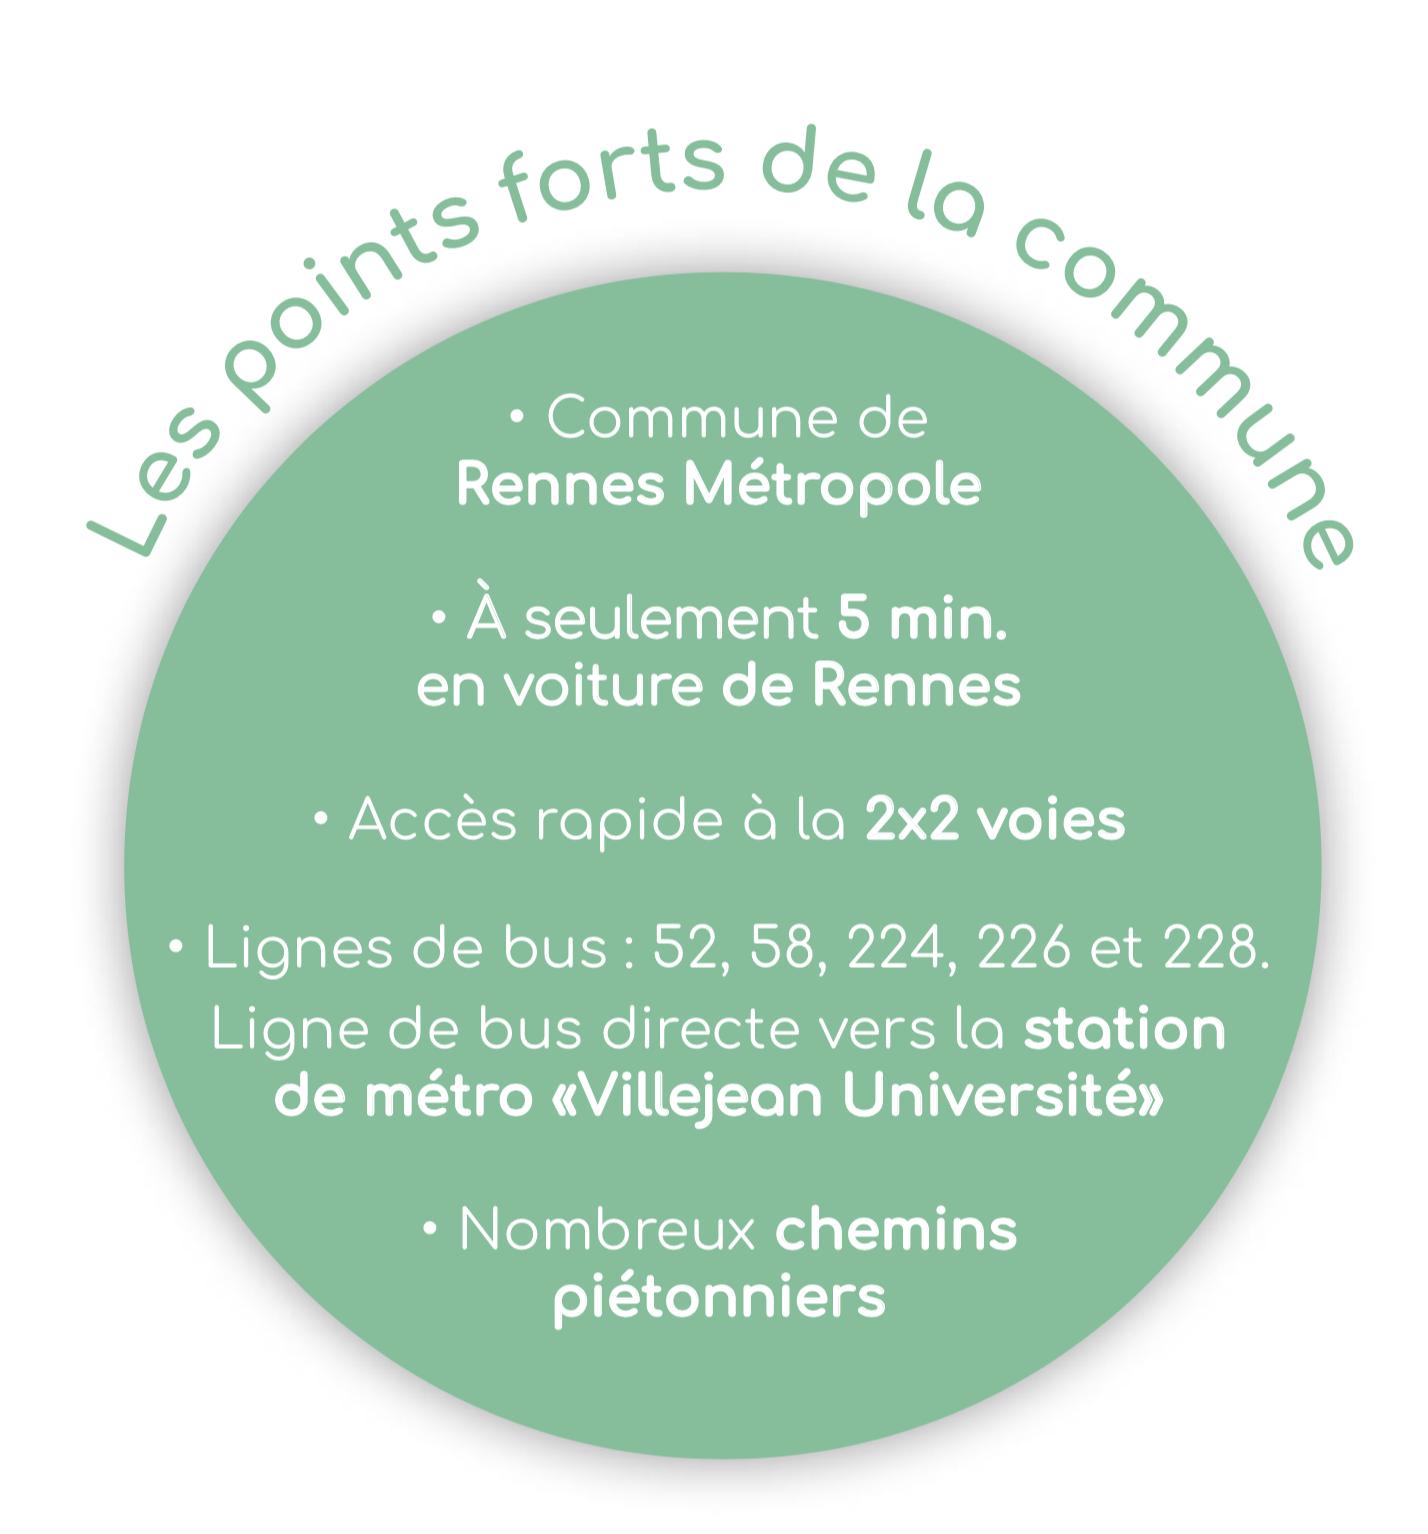 Les atouts de la commune La Chapelle des Fougeretz - Azurea - Groupe Launay